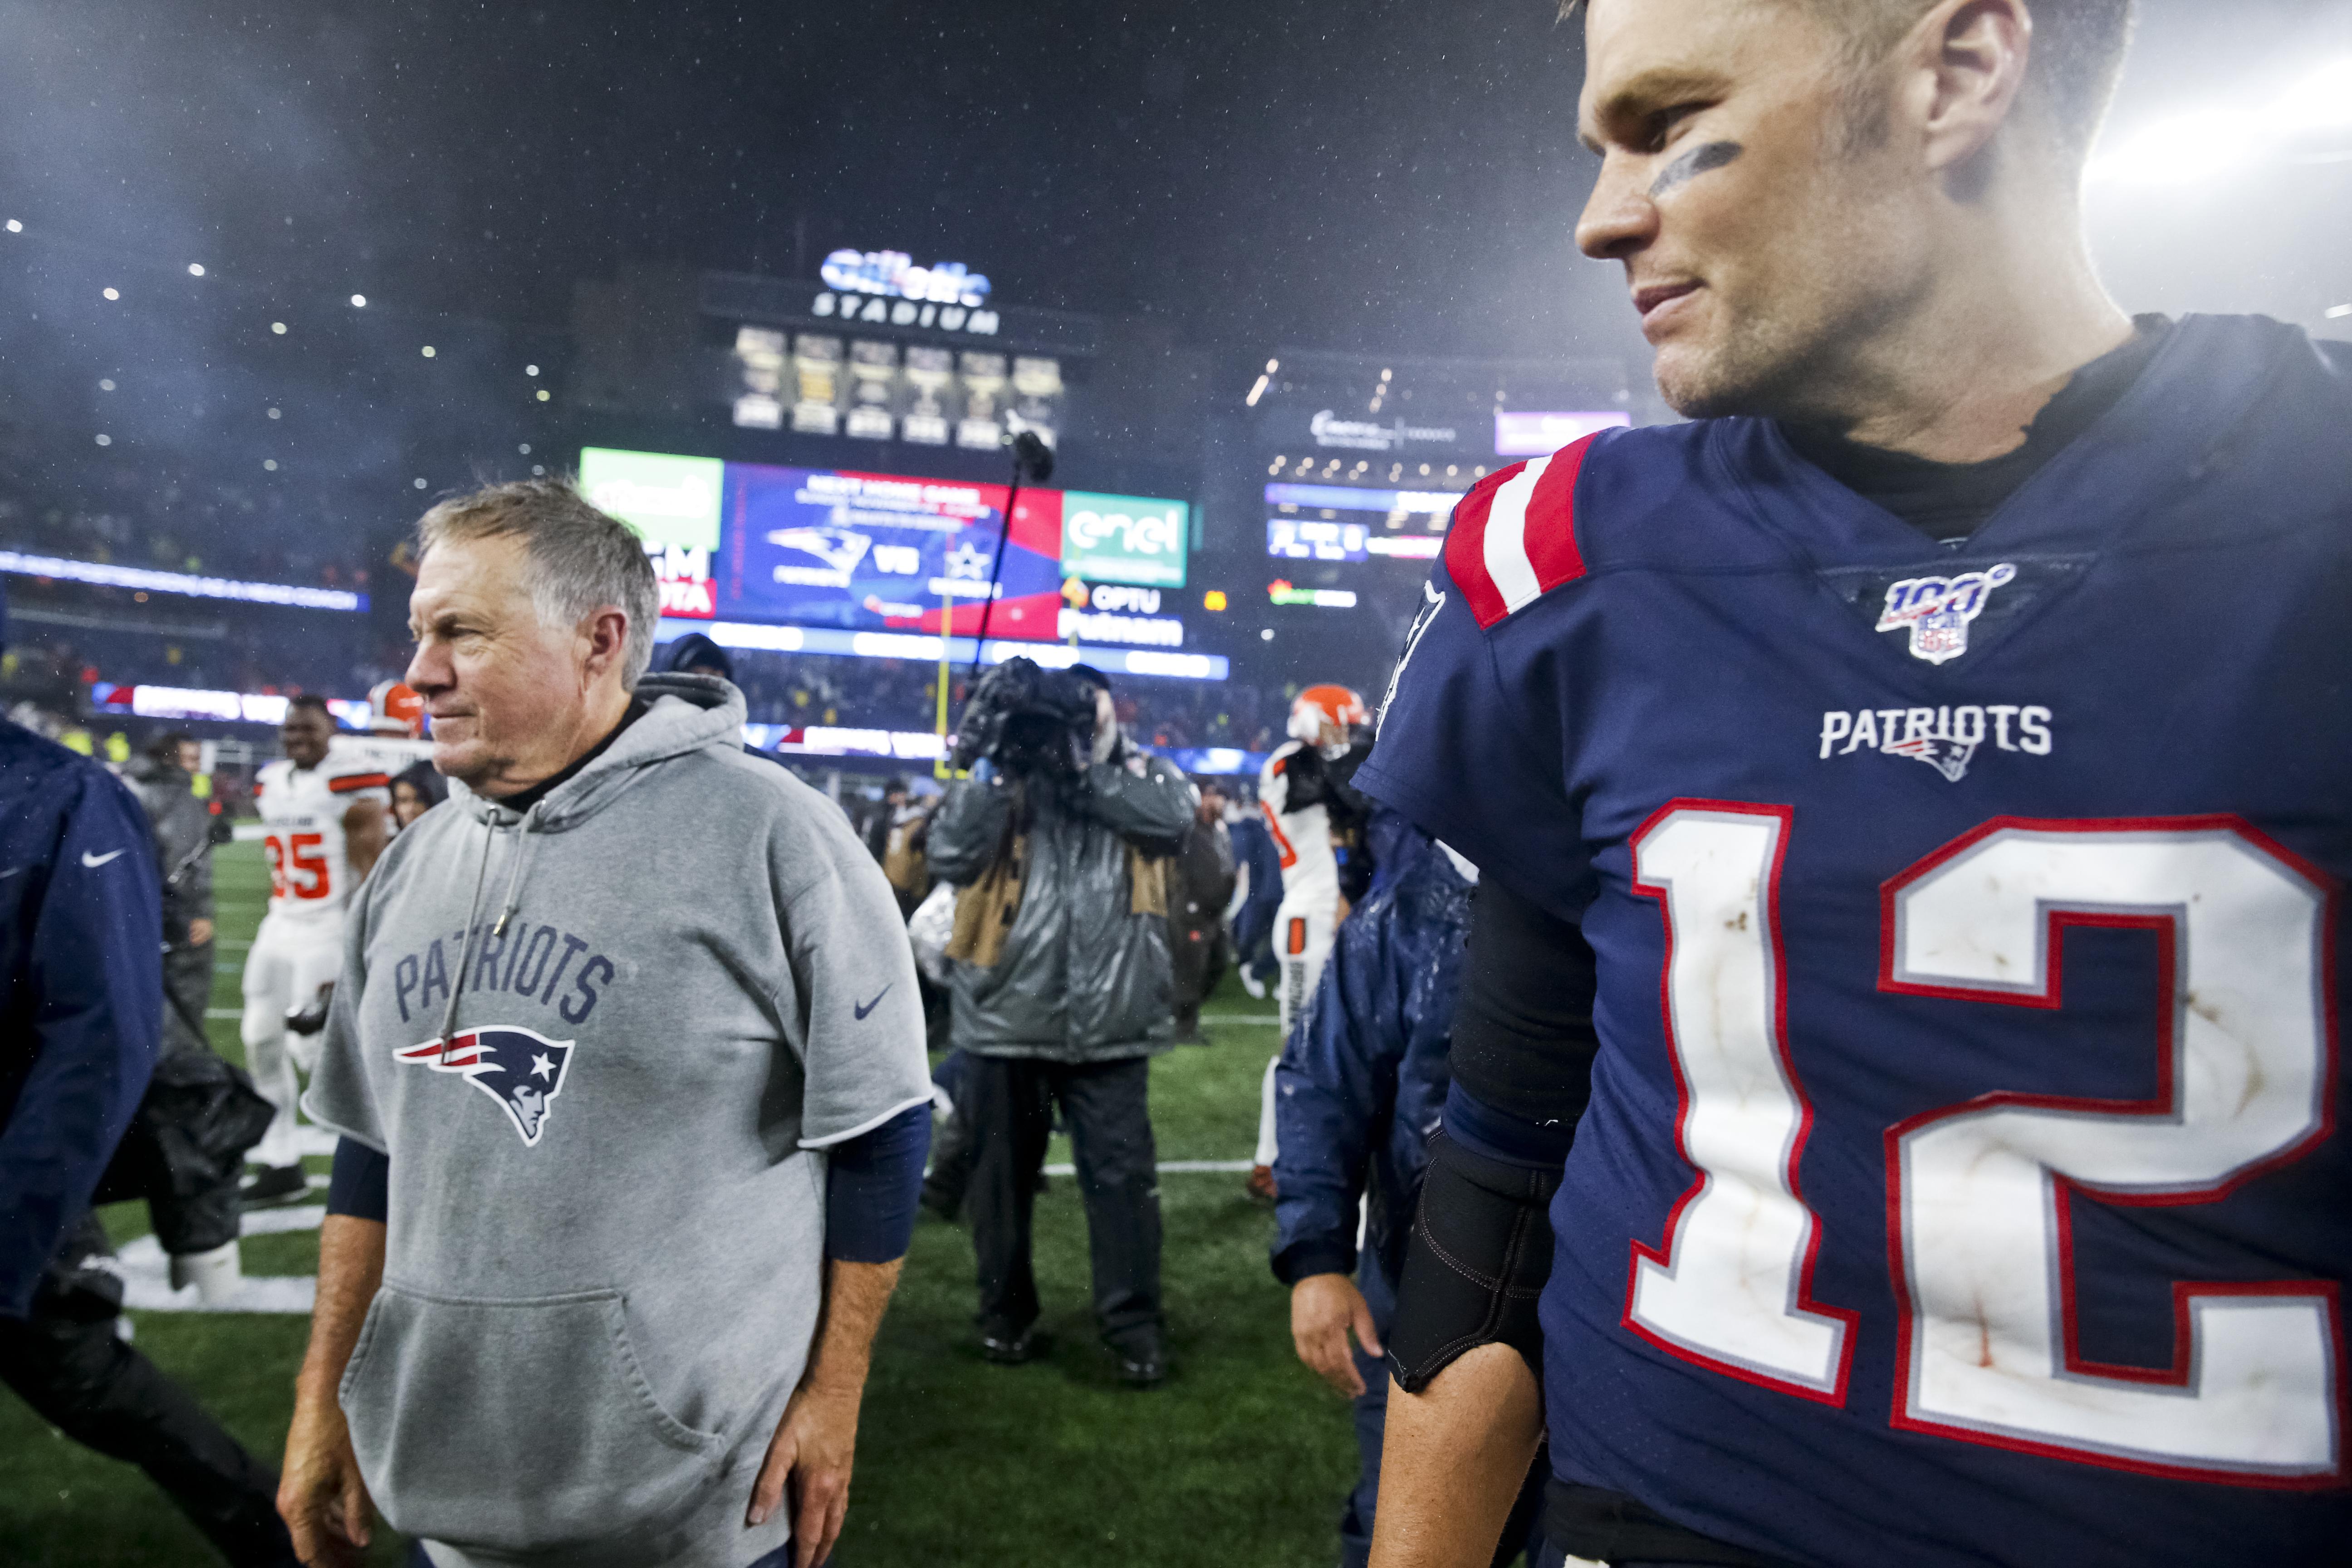 新英格兰爱国者队主教练比尔·贝利奇克(左)和四分卫汤姆·布雷迪在比赛结束后走下了球场。2019年10月27日,美国国家橄榄球联盟(NFL)常规赛在马萨诸塞州福克斯堡吉列体育场举行,新英格兰爱国者队主场迎战克利夫兰布朗队。